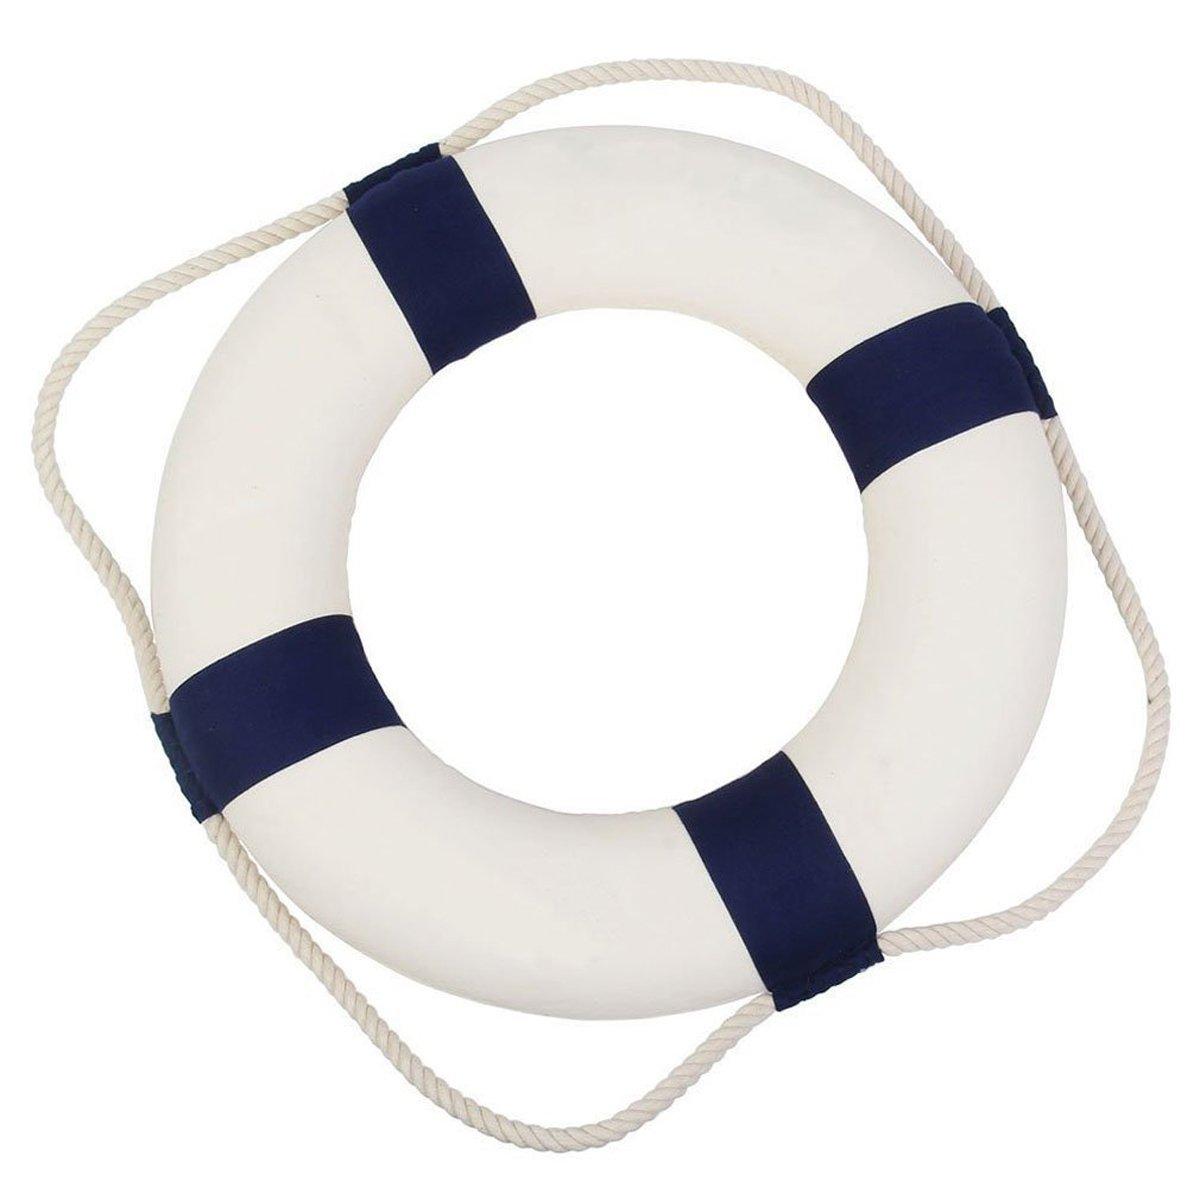 Marine, 14cm SUNXIN Bou/ée De Sauvetage Marine M/éditerran/éen Maison D/écoration Ou le Mur Ornements D/écoratifs